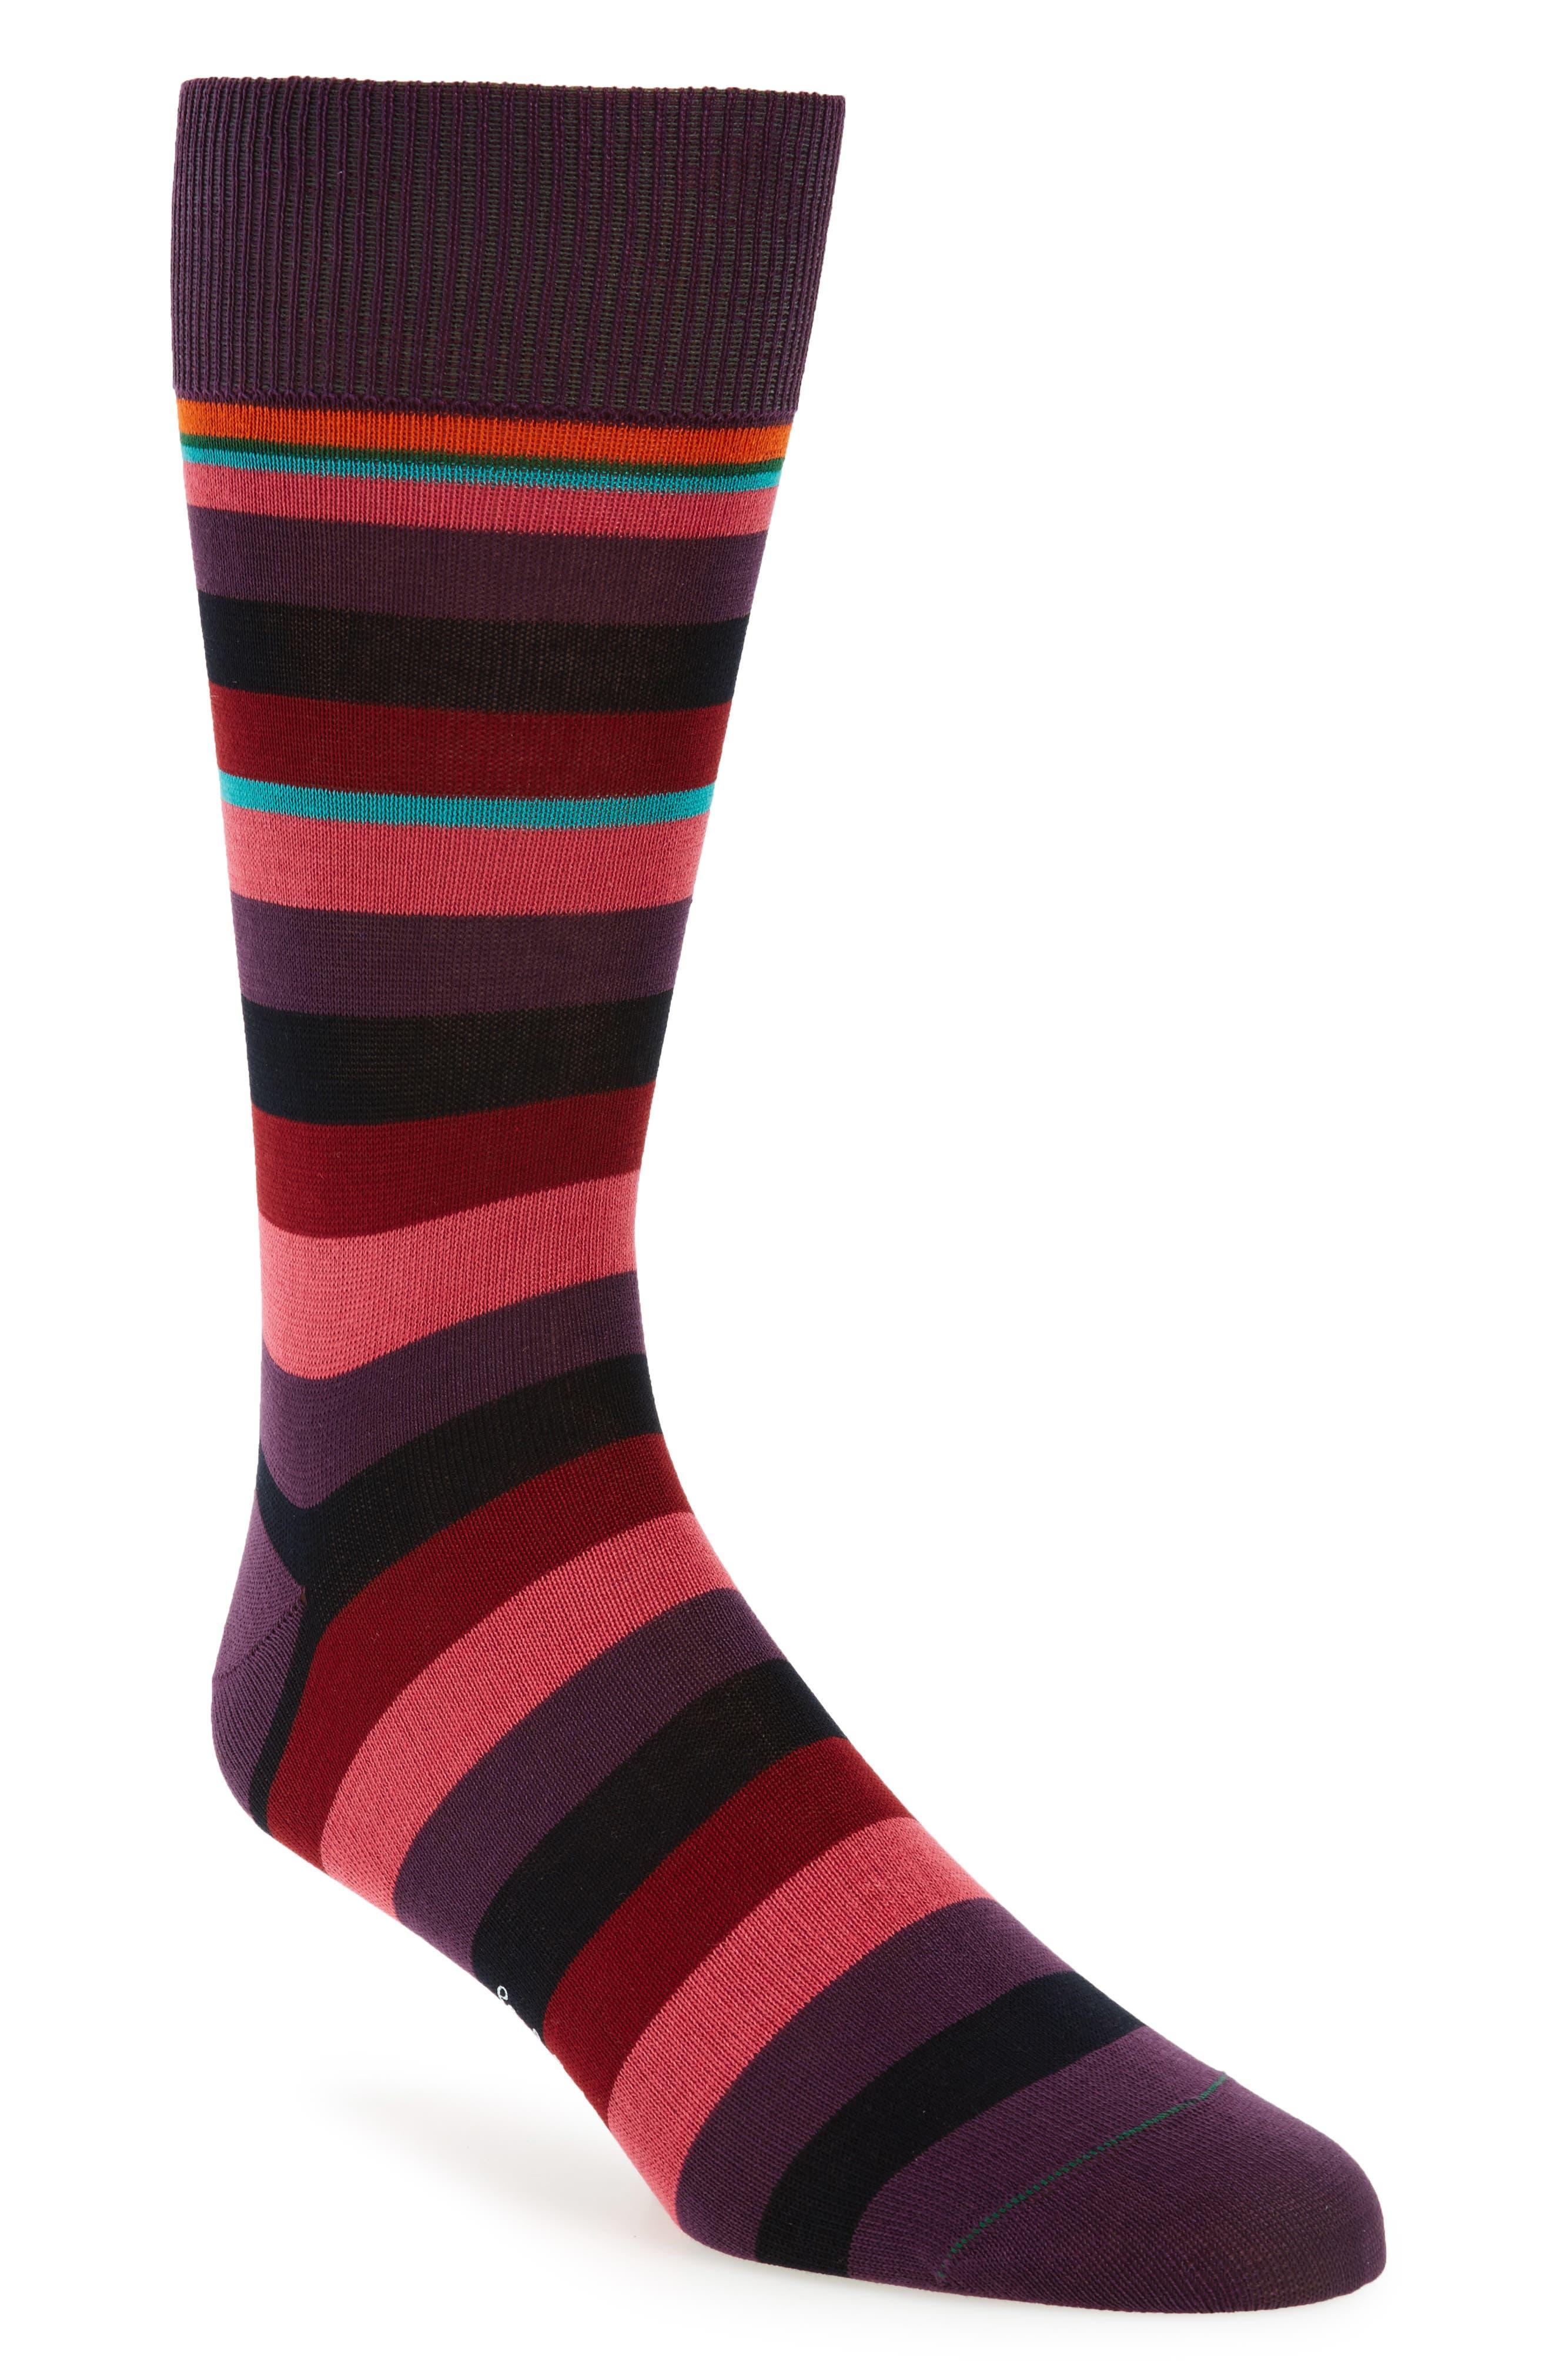 PAUL SMITH Valentine Told Me Stripe Socks